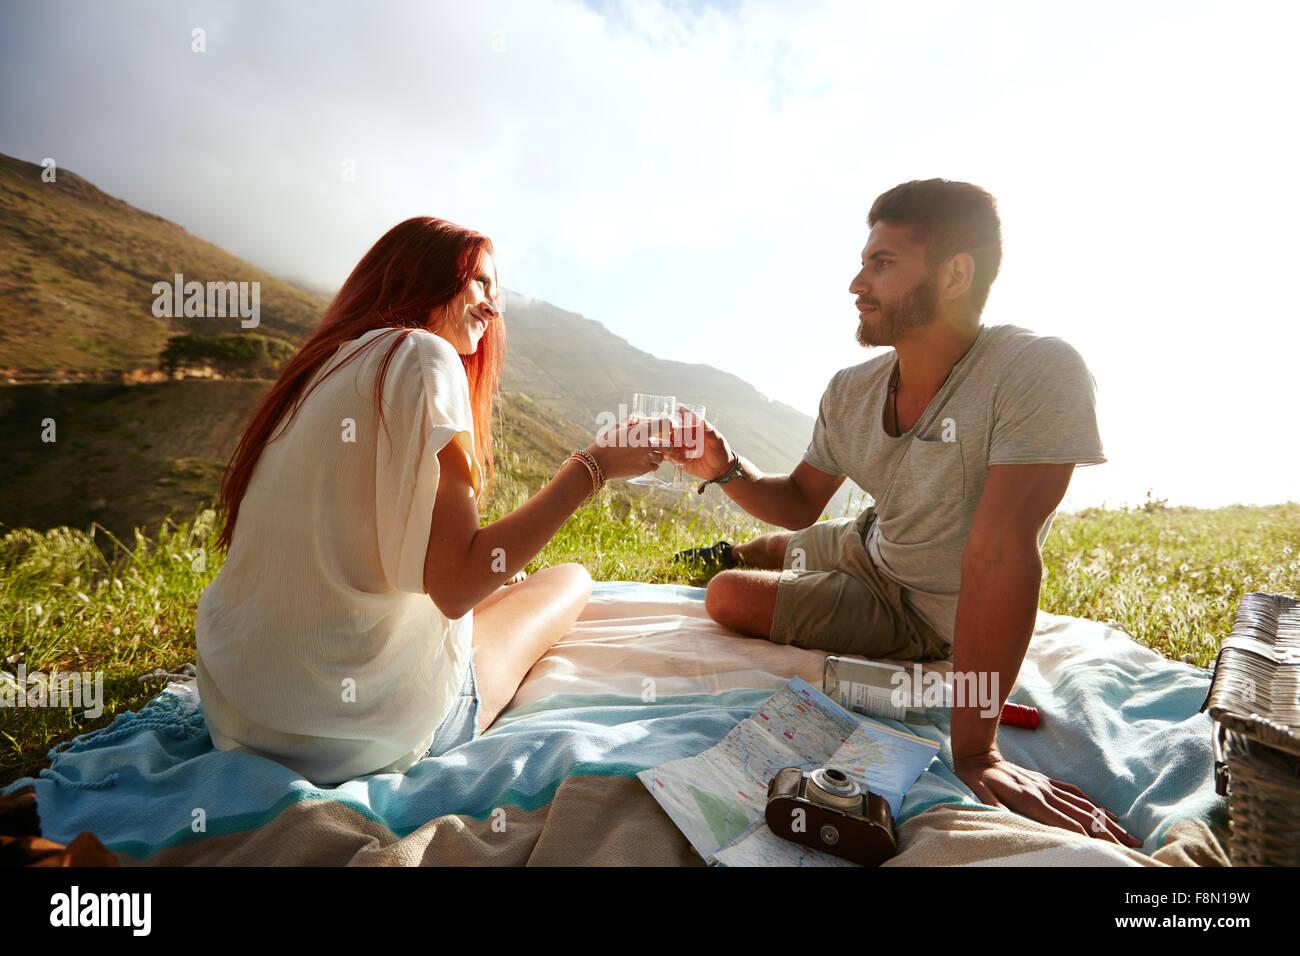 Amor casal sentado na grama e beber vinho durante um piquenique. O homem e a mulher branca sobre férias de Imagens de Stock